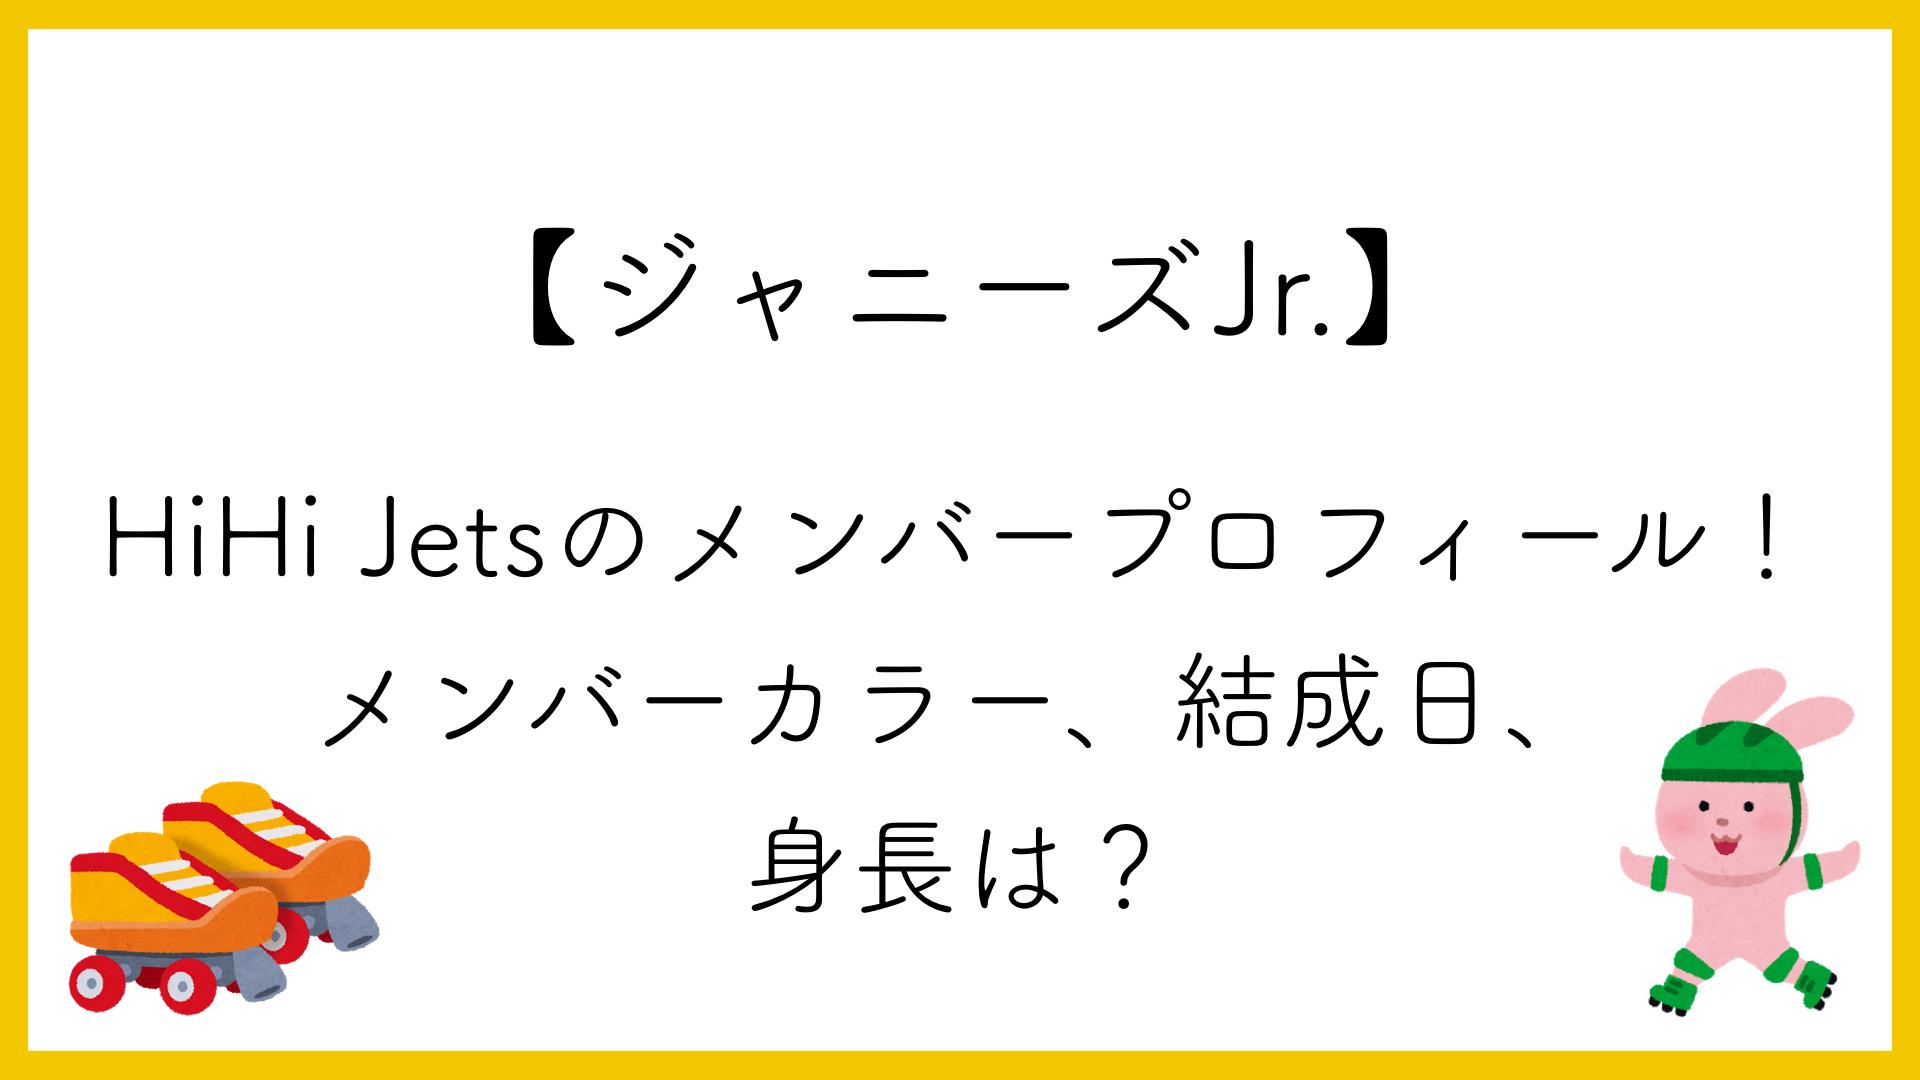 【ジャニーズJr.】HiHi Jetsメンバープロフィール!メンバーカラー、結成日、身長は?